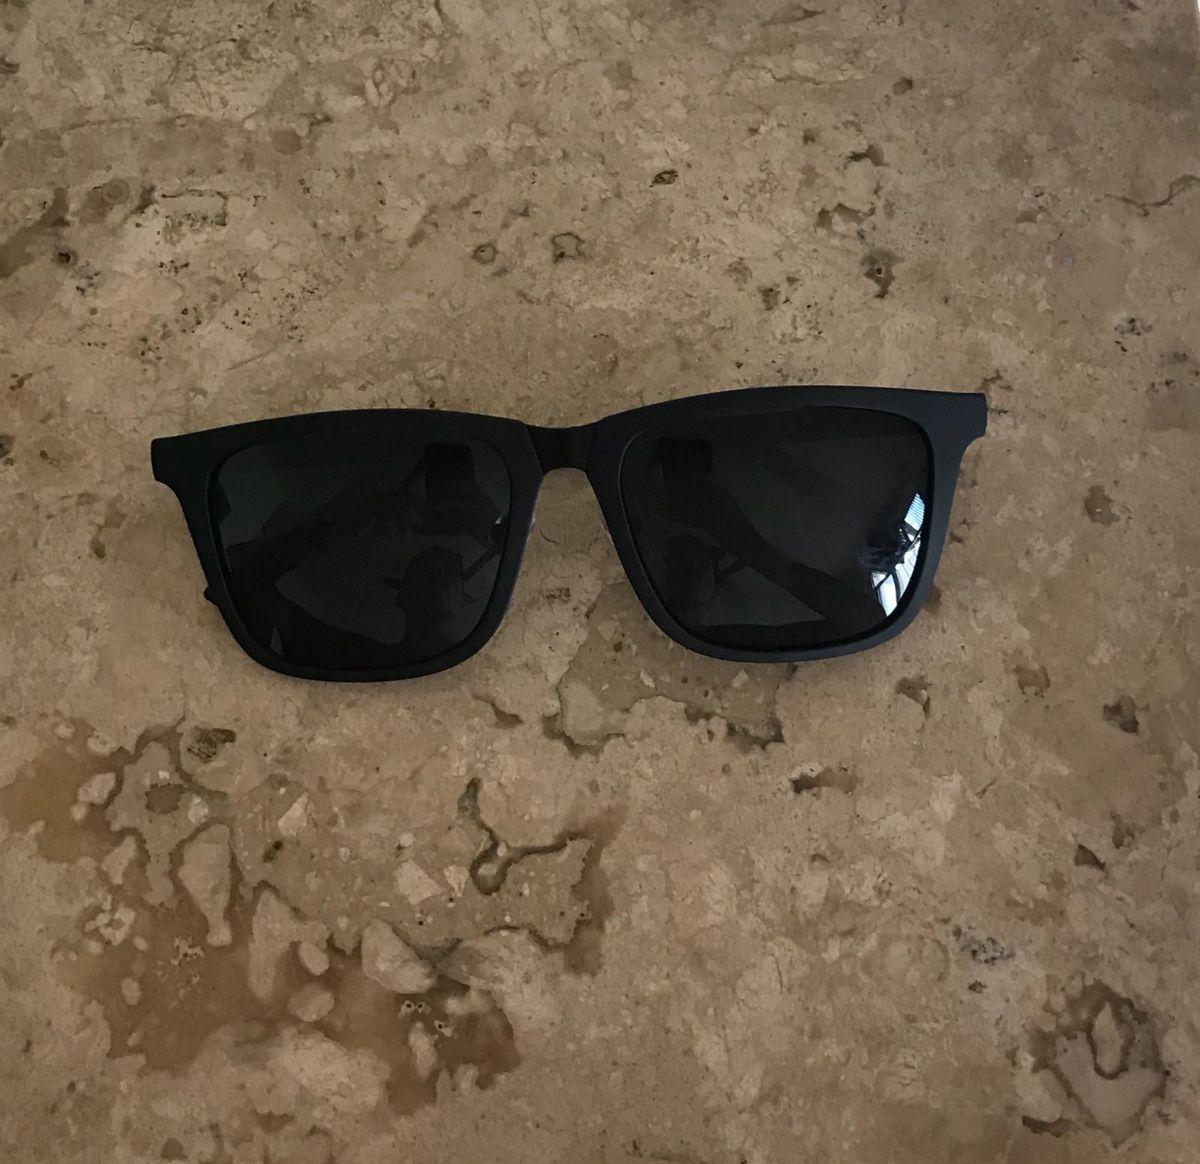 f0ec8ef80 óculos de sol - óculos fuel.  Czm6ly9wag90b3muzw5qb2vplmnvbs5ici9wcm9kdwn0cy84otmxote4lzy2mgy2ogqynjnhogvmmmq5zje4yju0m2ziy2e5y2fmlmpwzw